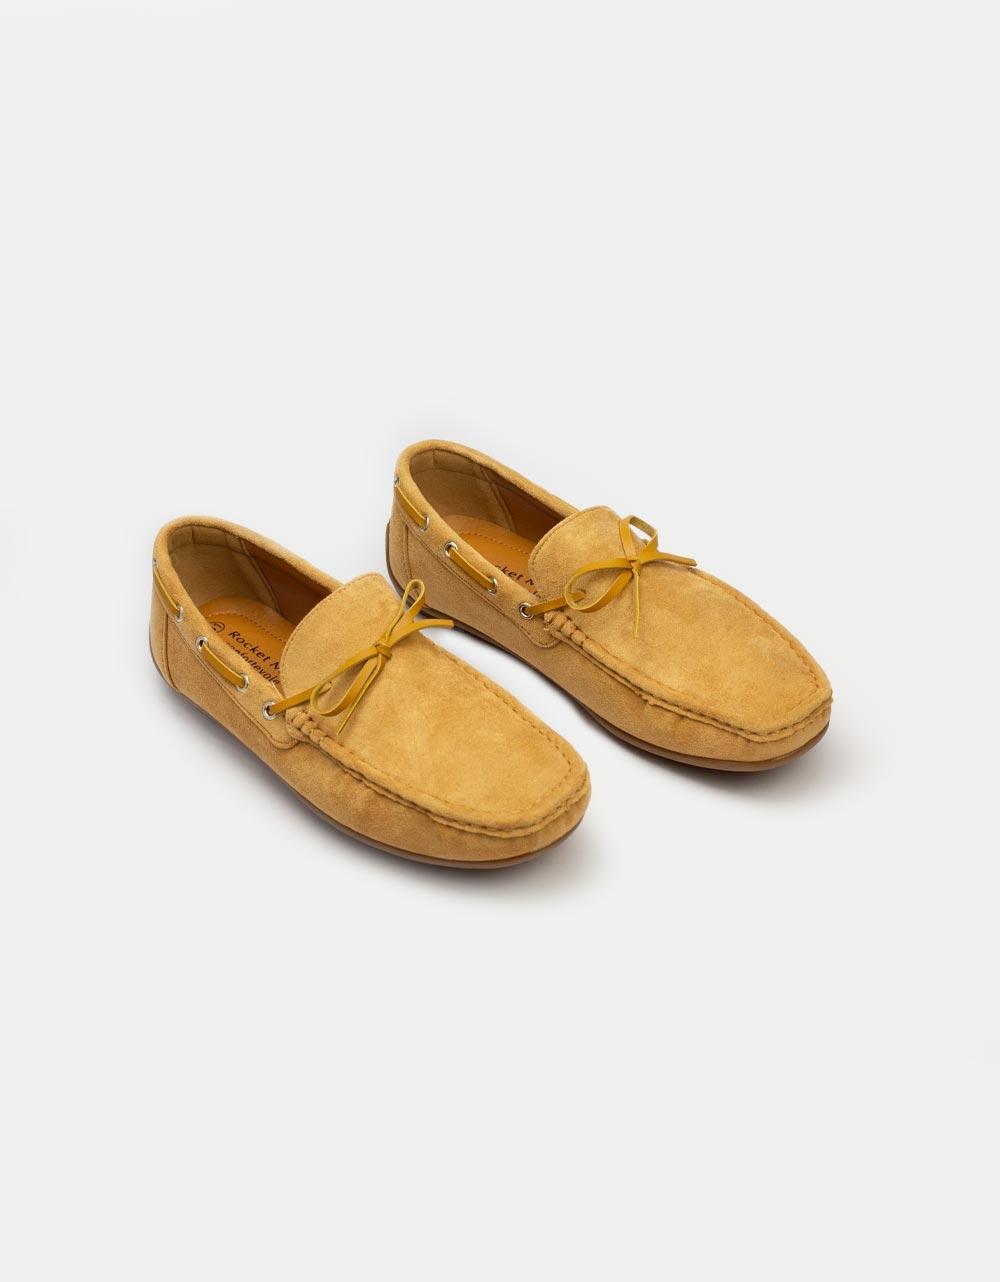 Εικόνα από Ανδρικά loafers με διακοσμητικά κορδόνια Κάμελ